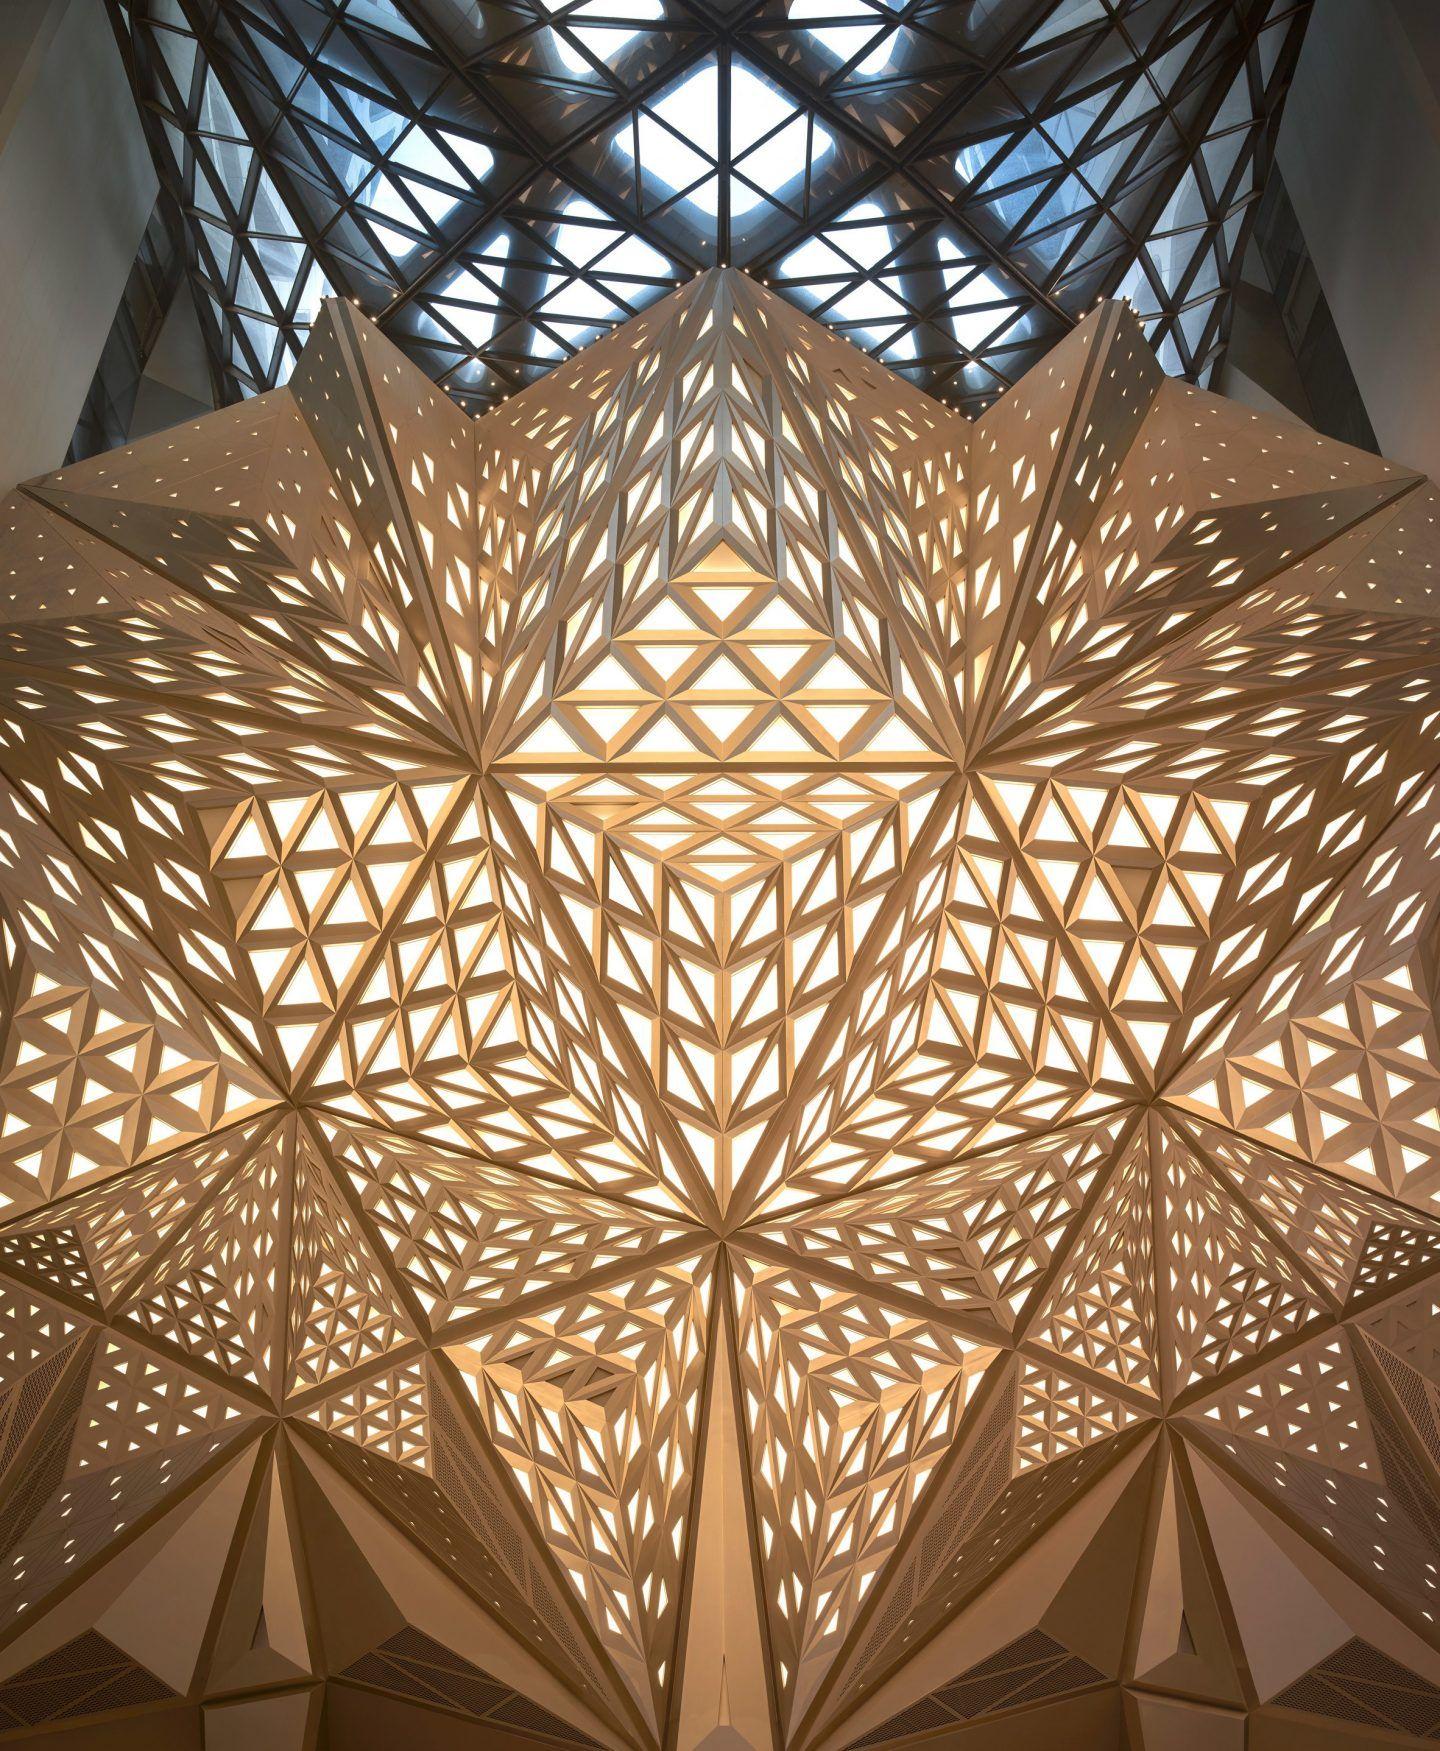 iGNANT-Architecture-Zaha-Hadid-Architects-Morpheus-Hotel-011